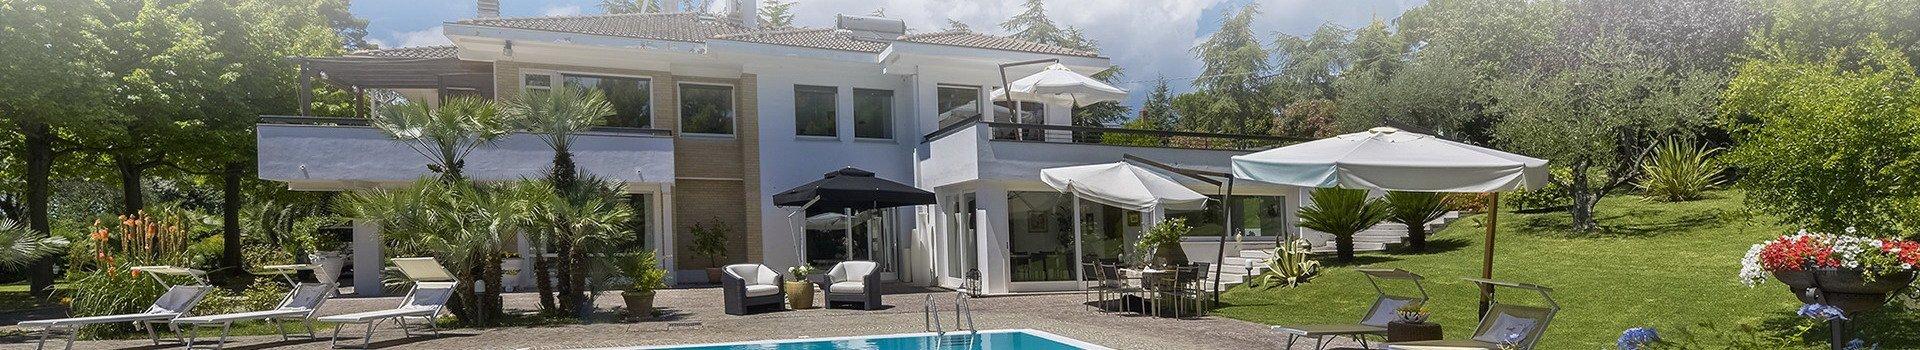 Villas Italie